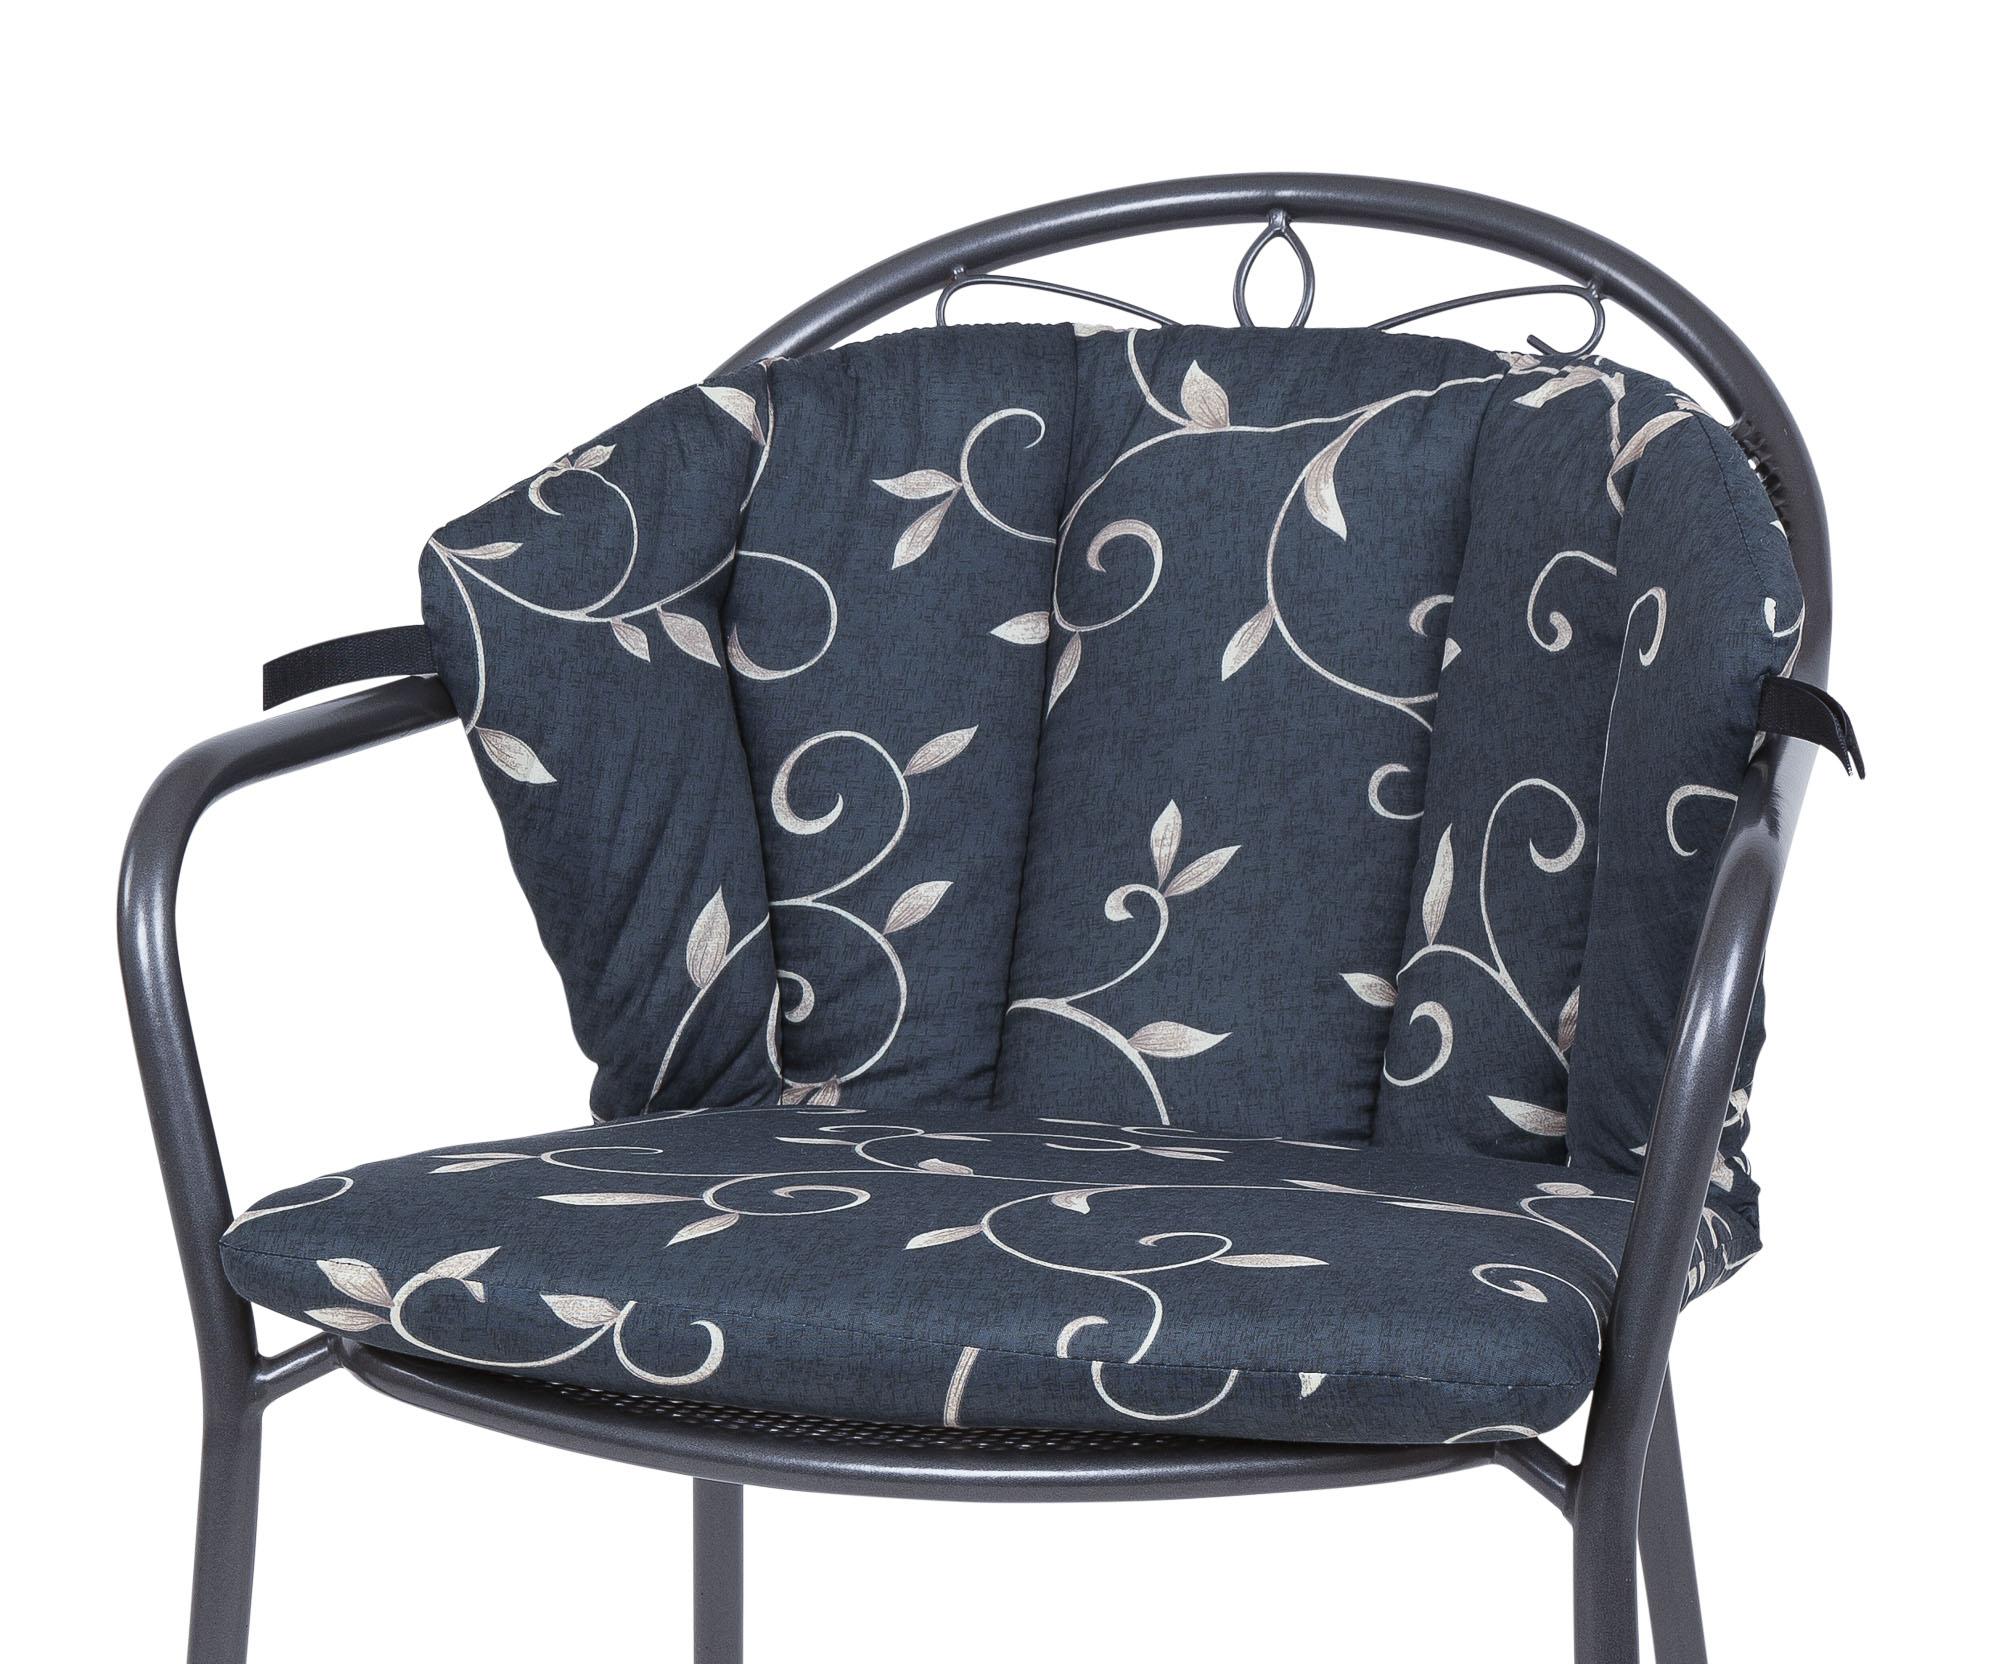 Auflage für Royal Garden MWH Sessel Elegance 2223 anthrazit Ranke KETTtex